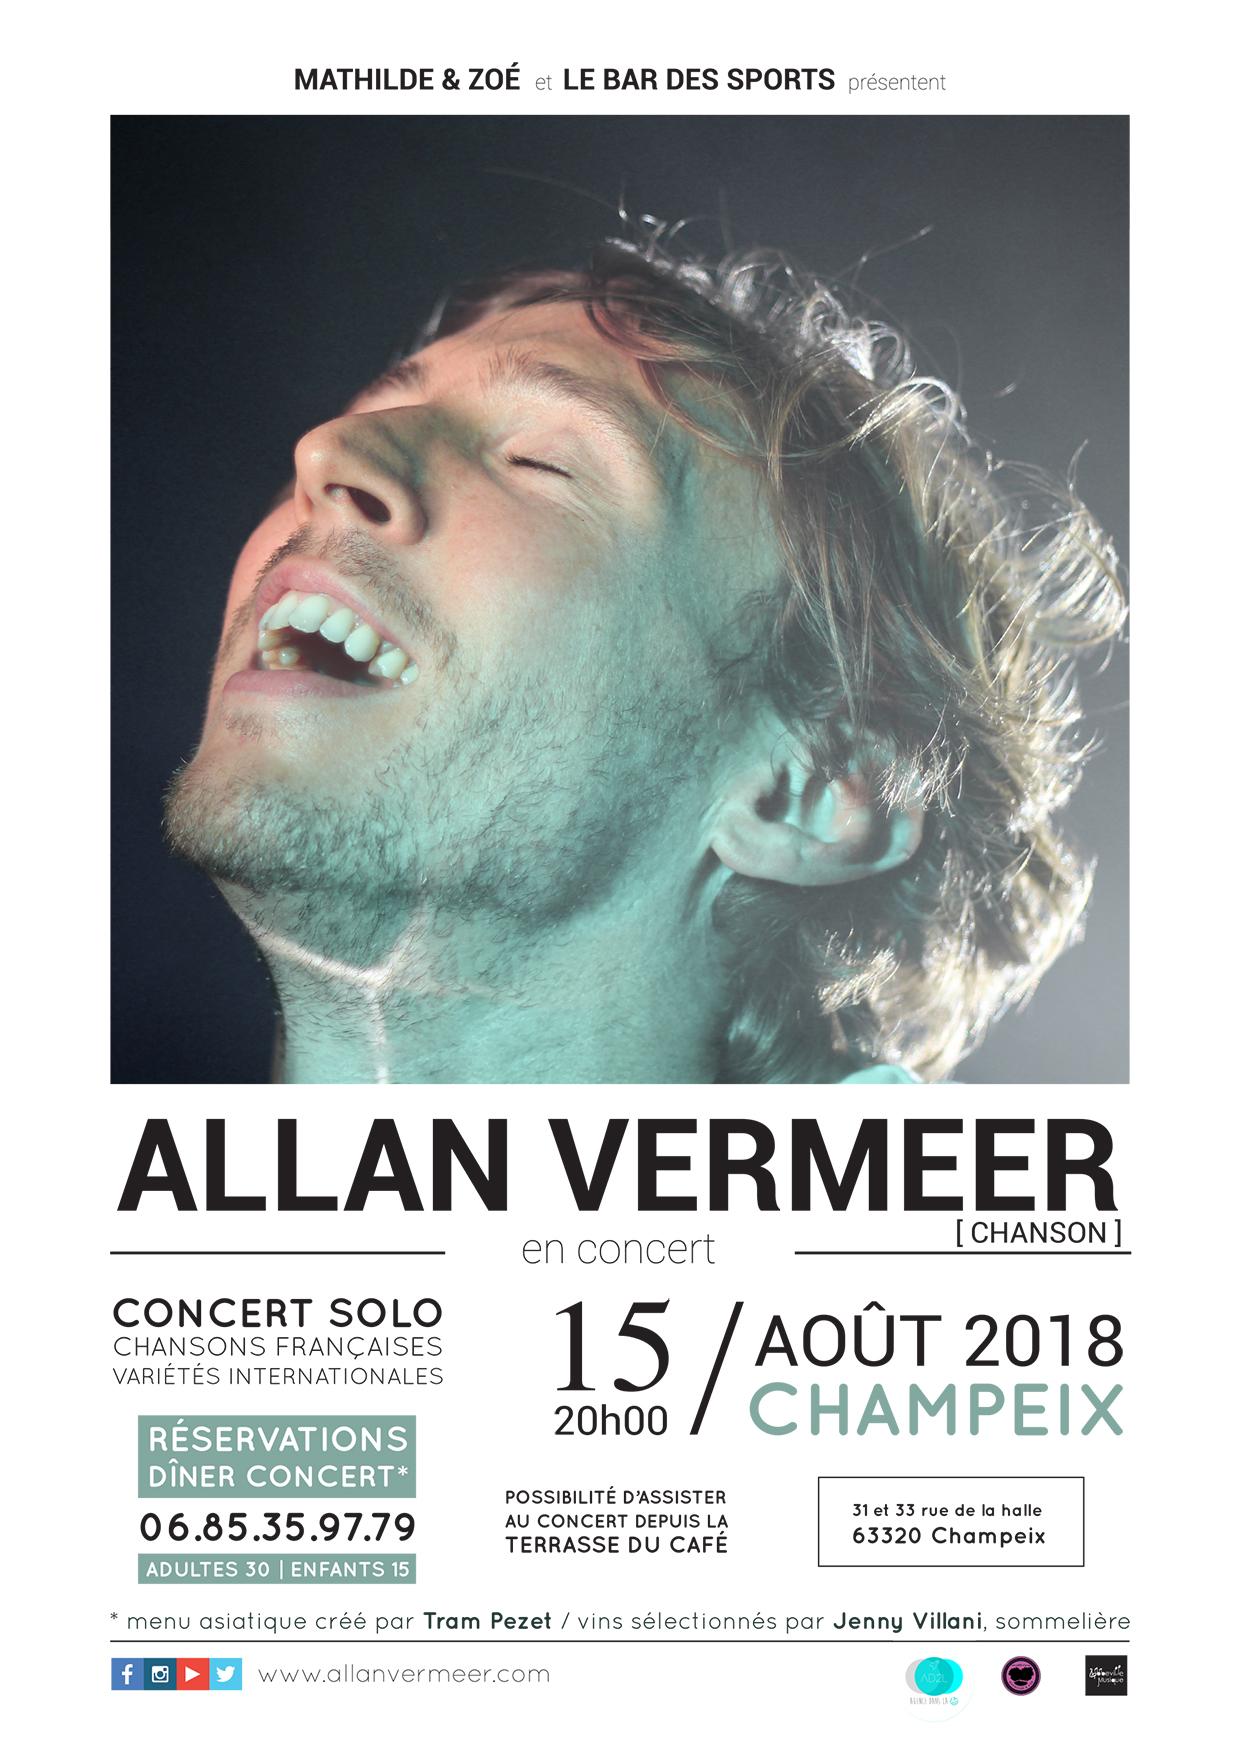 Affiche concert Allan Vermeer à Champeix